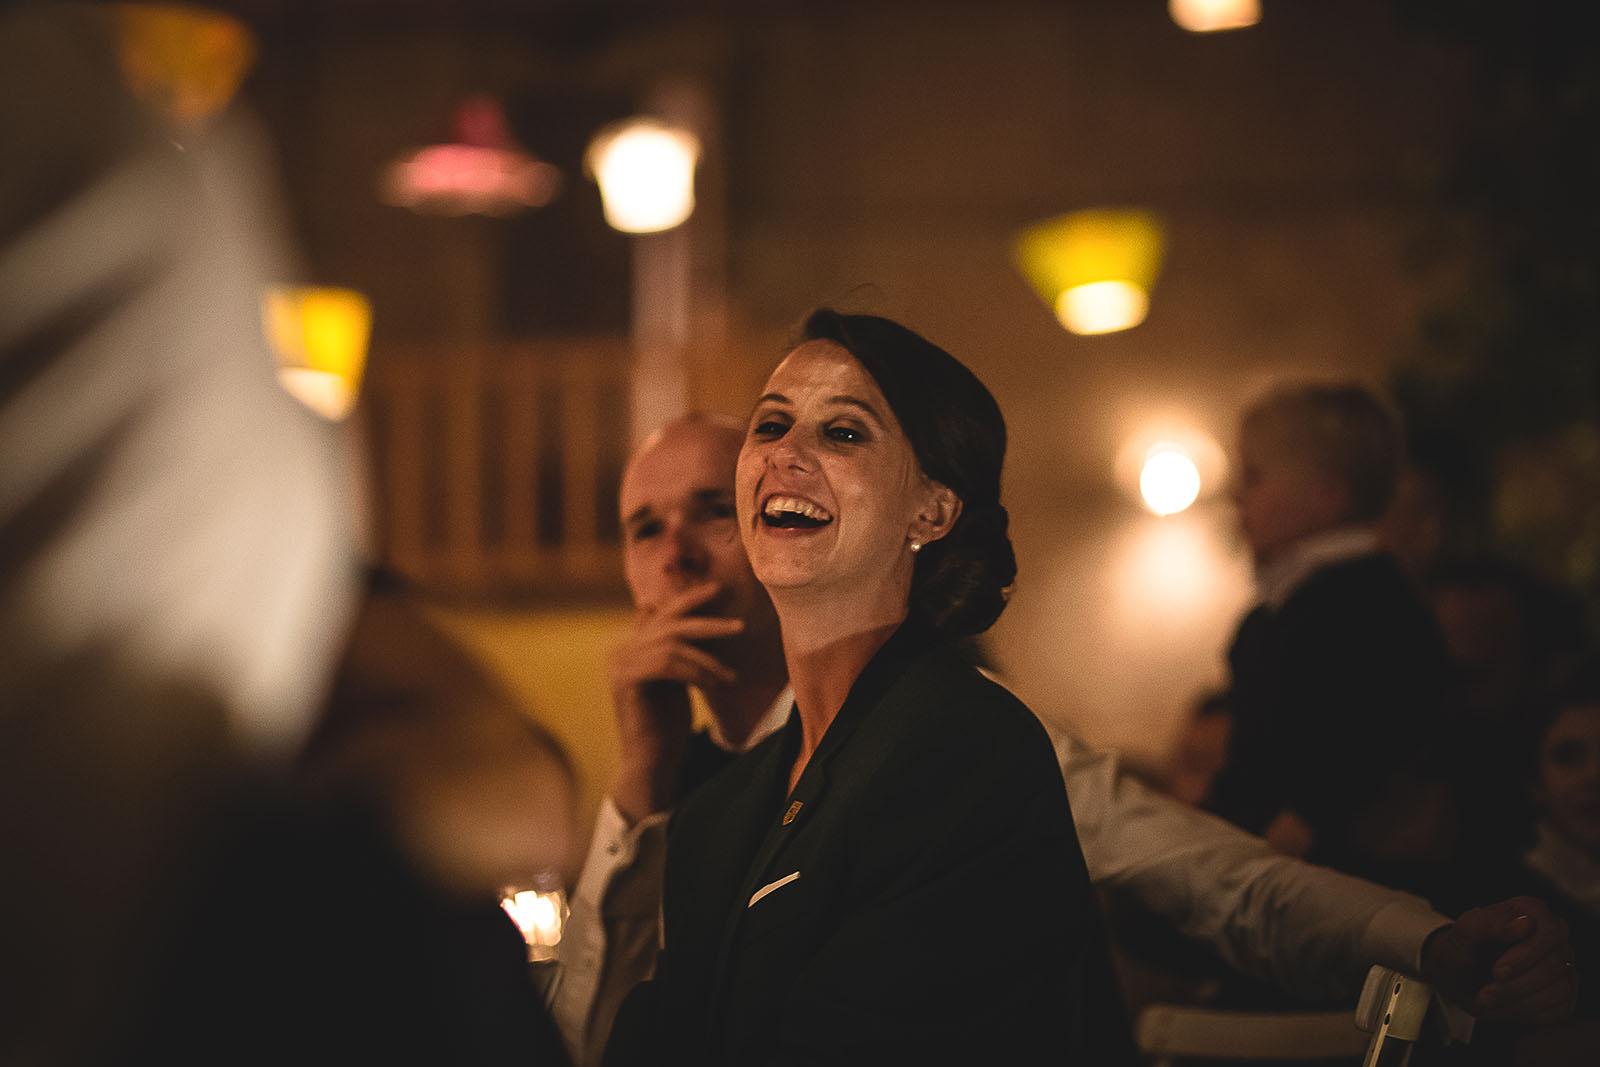 Mariage Manoir des Prévanches. David Pommier photographe de mariage. Eclats de rire de la mariée